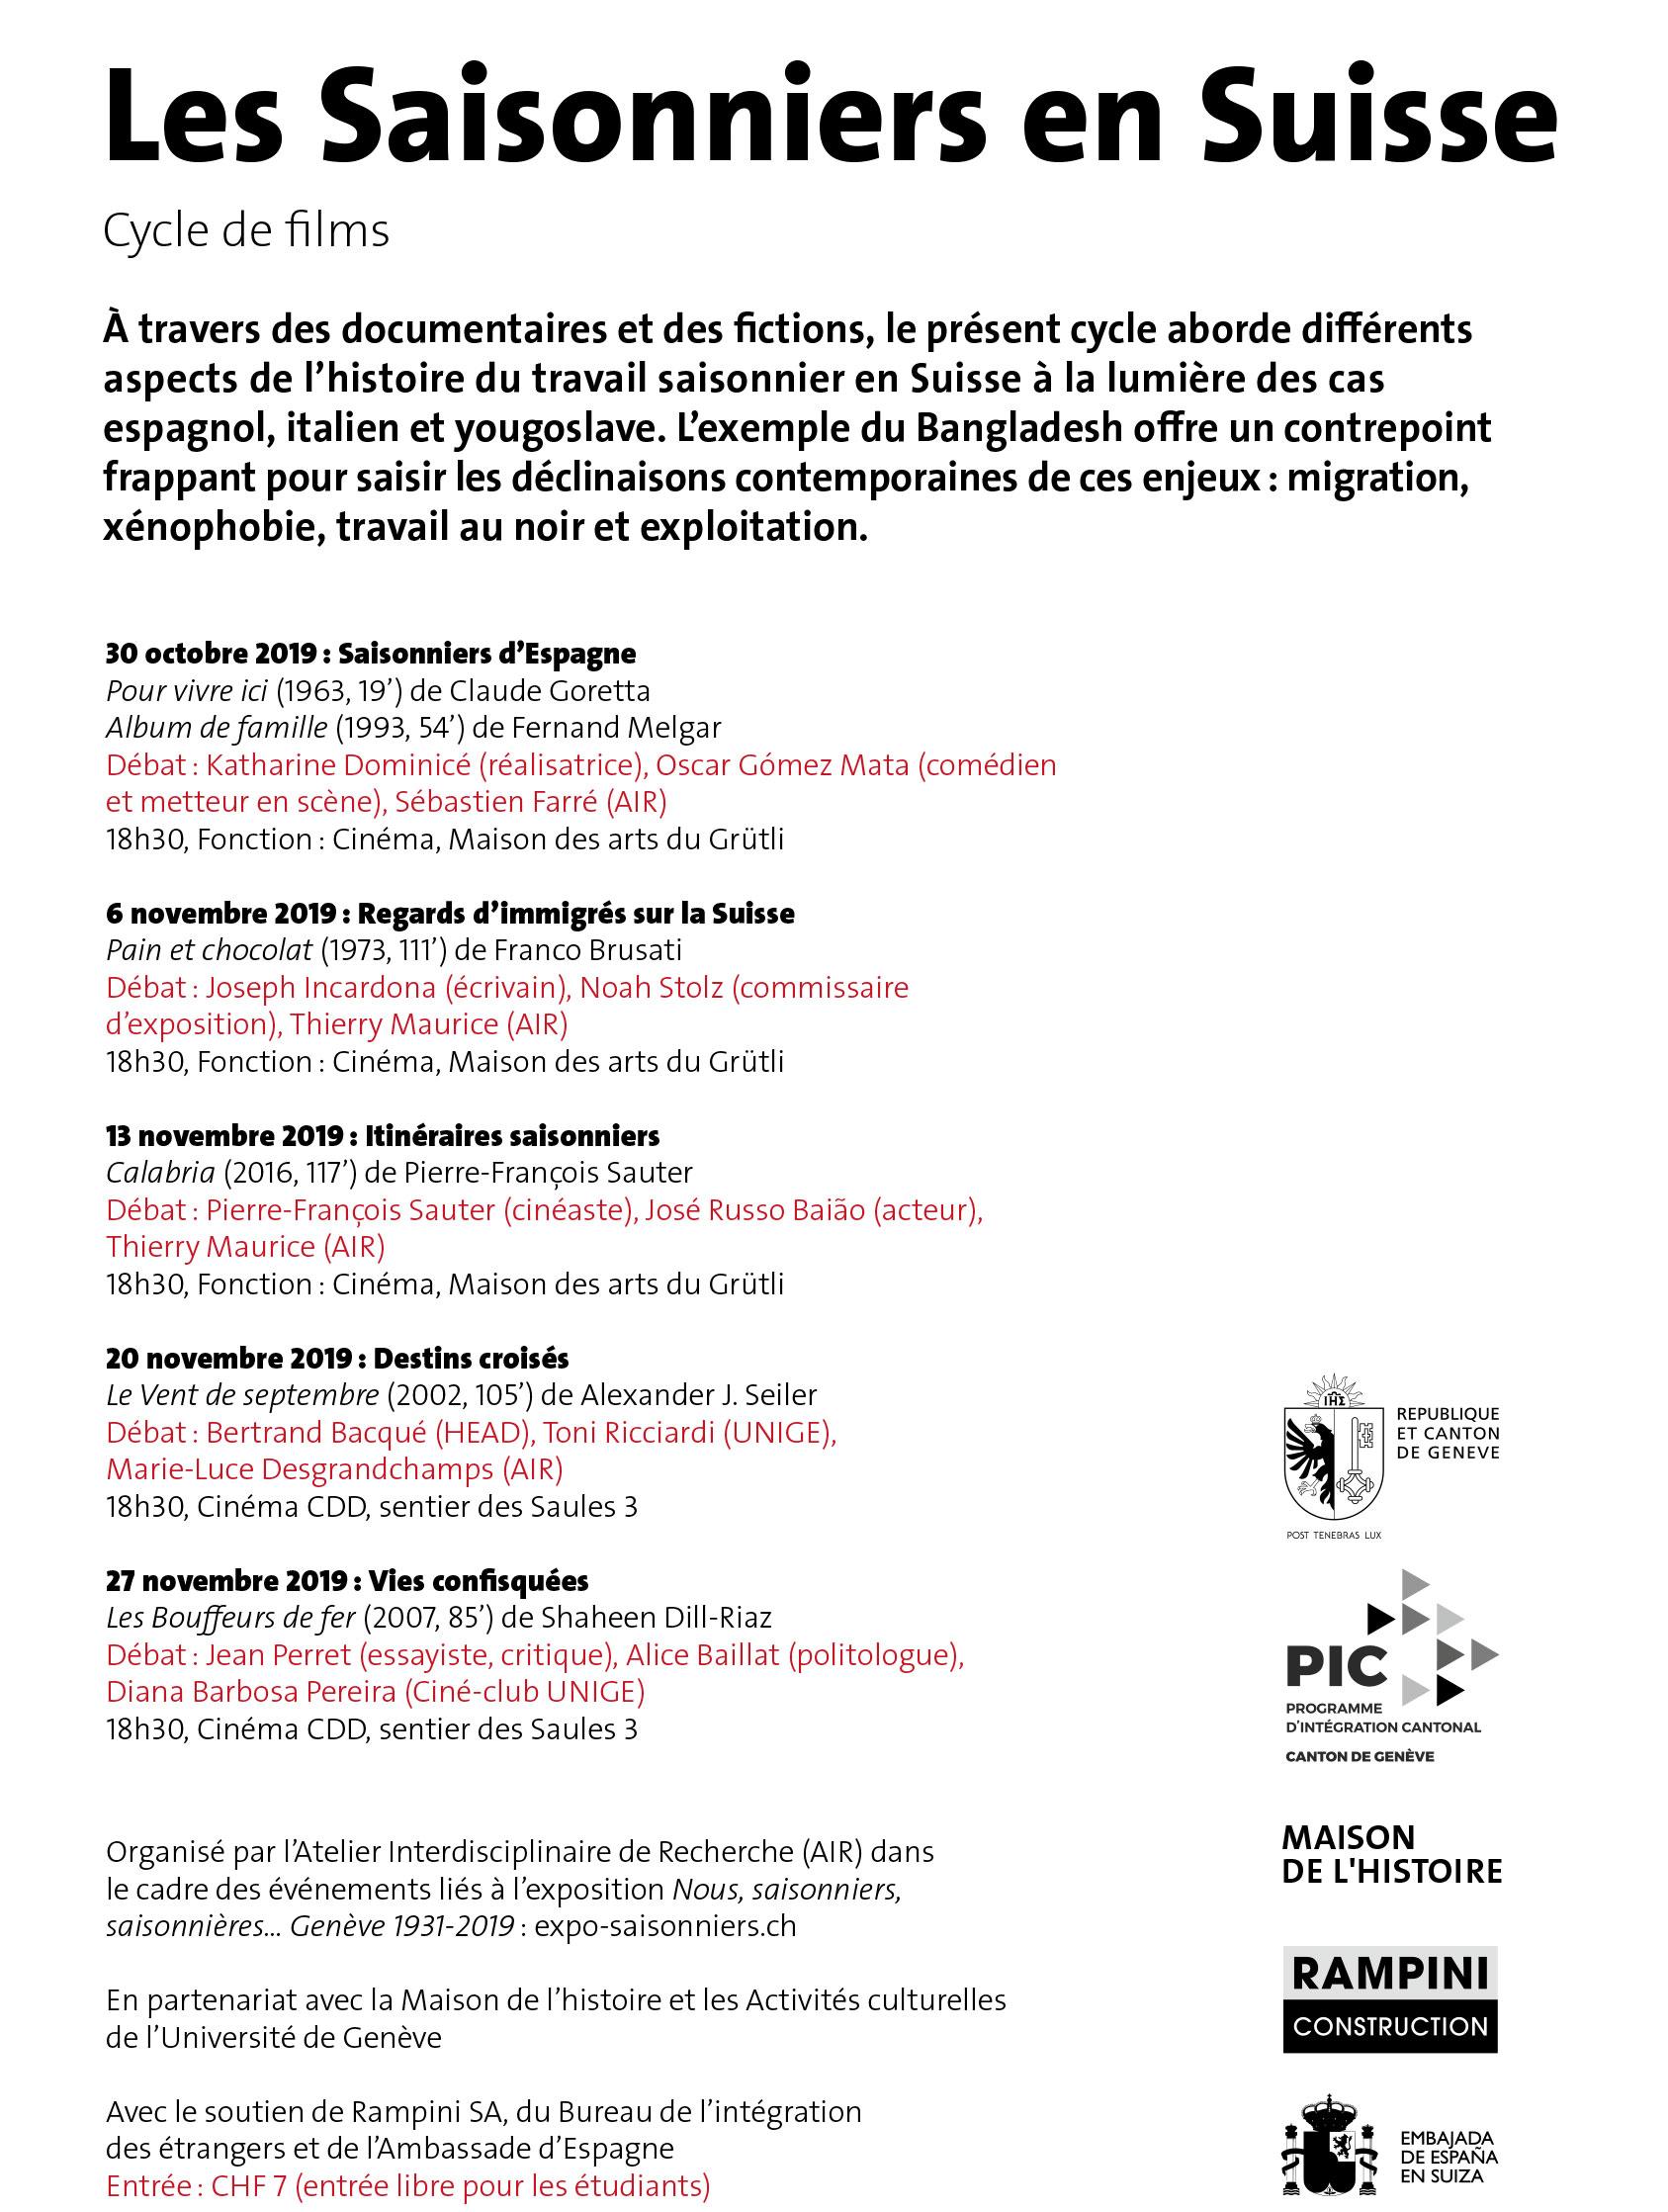 Cycle de films – Les Saisonniers en Suisse